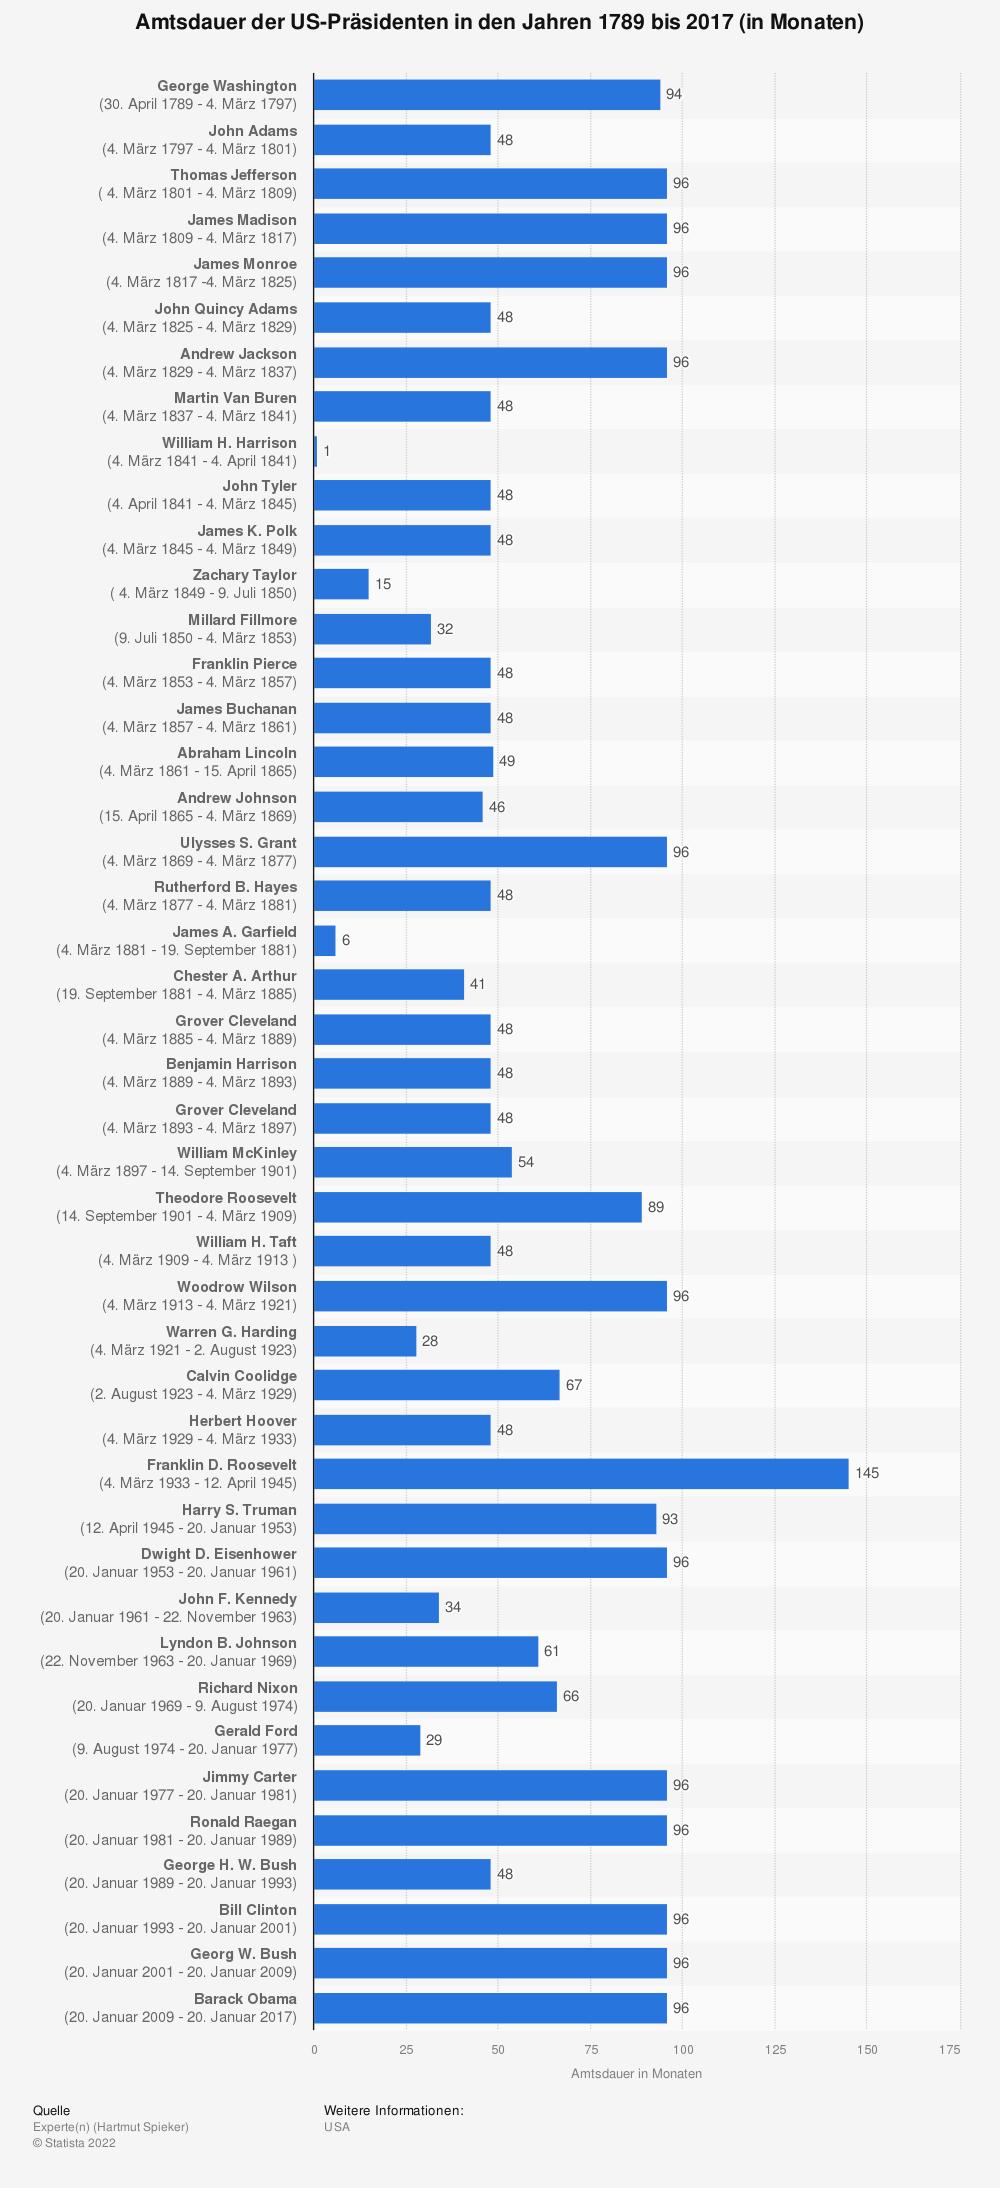 Statistik: Amtsdauer der US-Präsidenten in den Jahren 1789 bis 2017 (in Monaten) | Statista